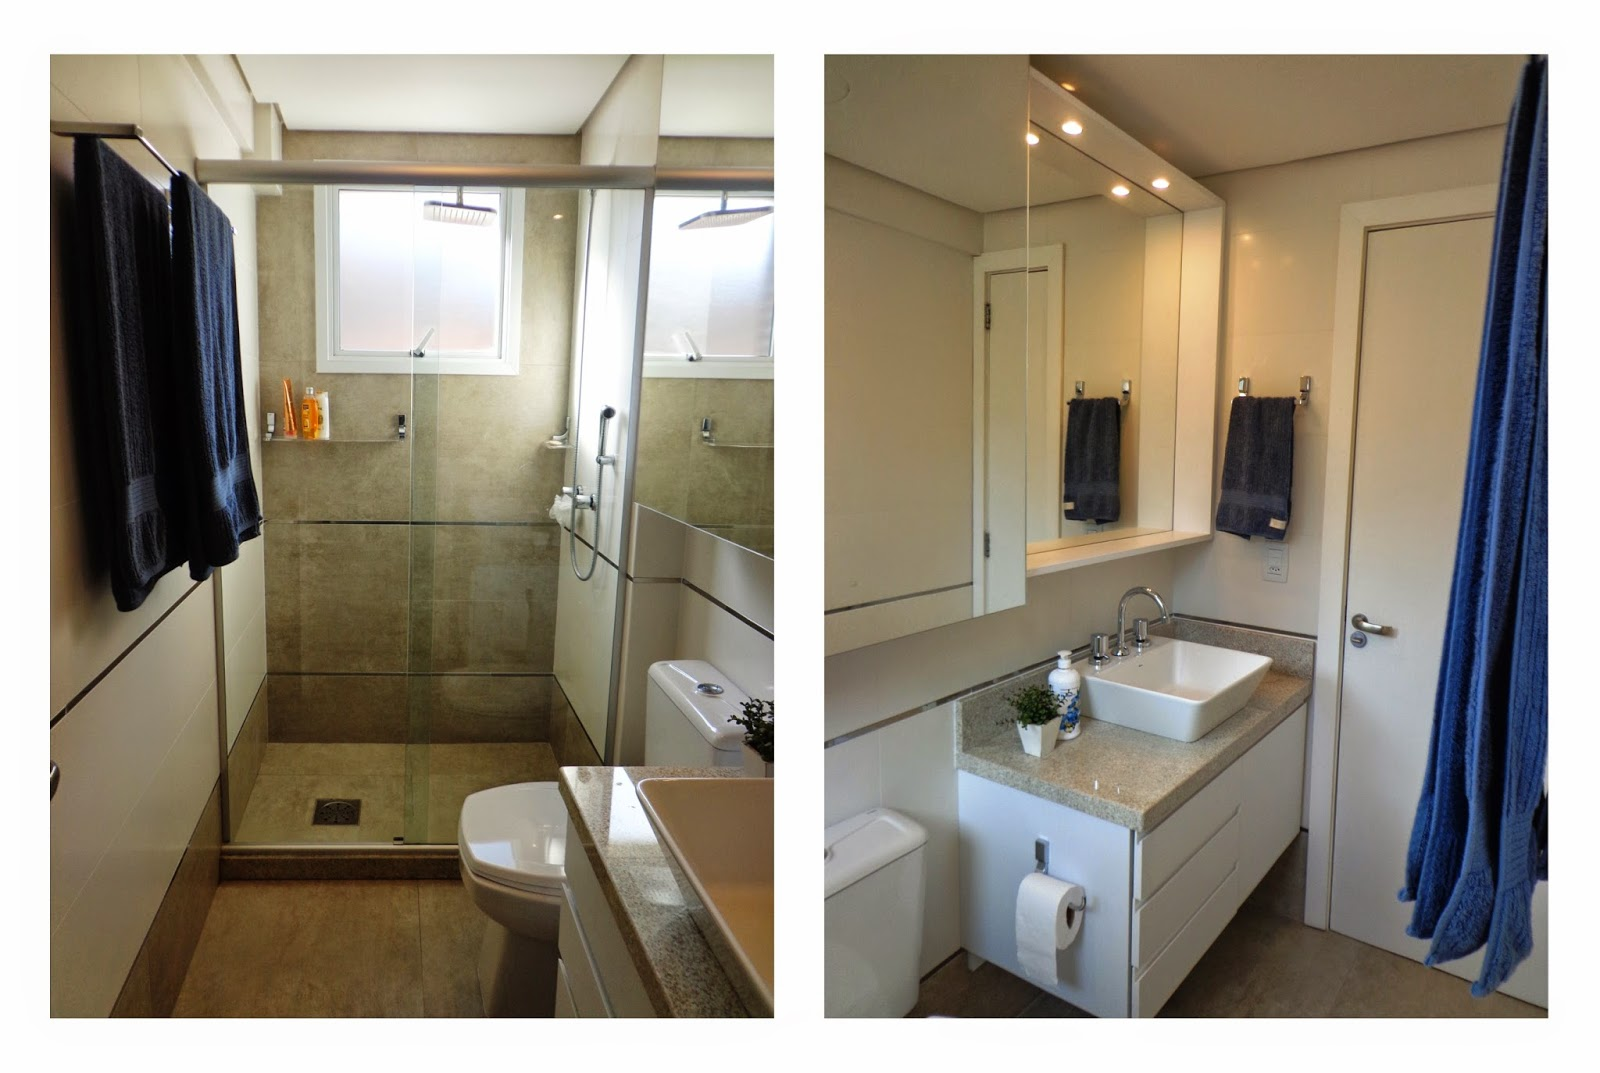 foram substituídos com a intensão de personalizar os dois banheiros #283C67 1600x1073 Banheiro Com Porcelanato Rustico